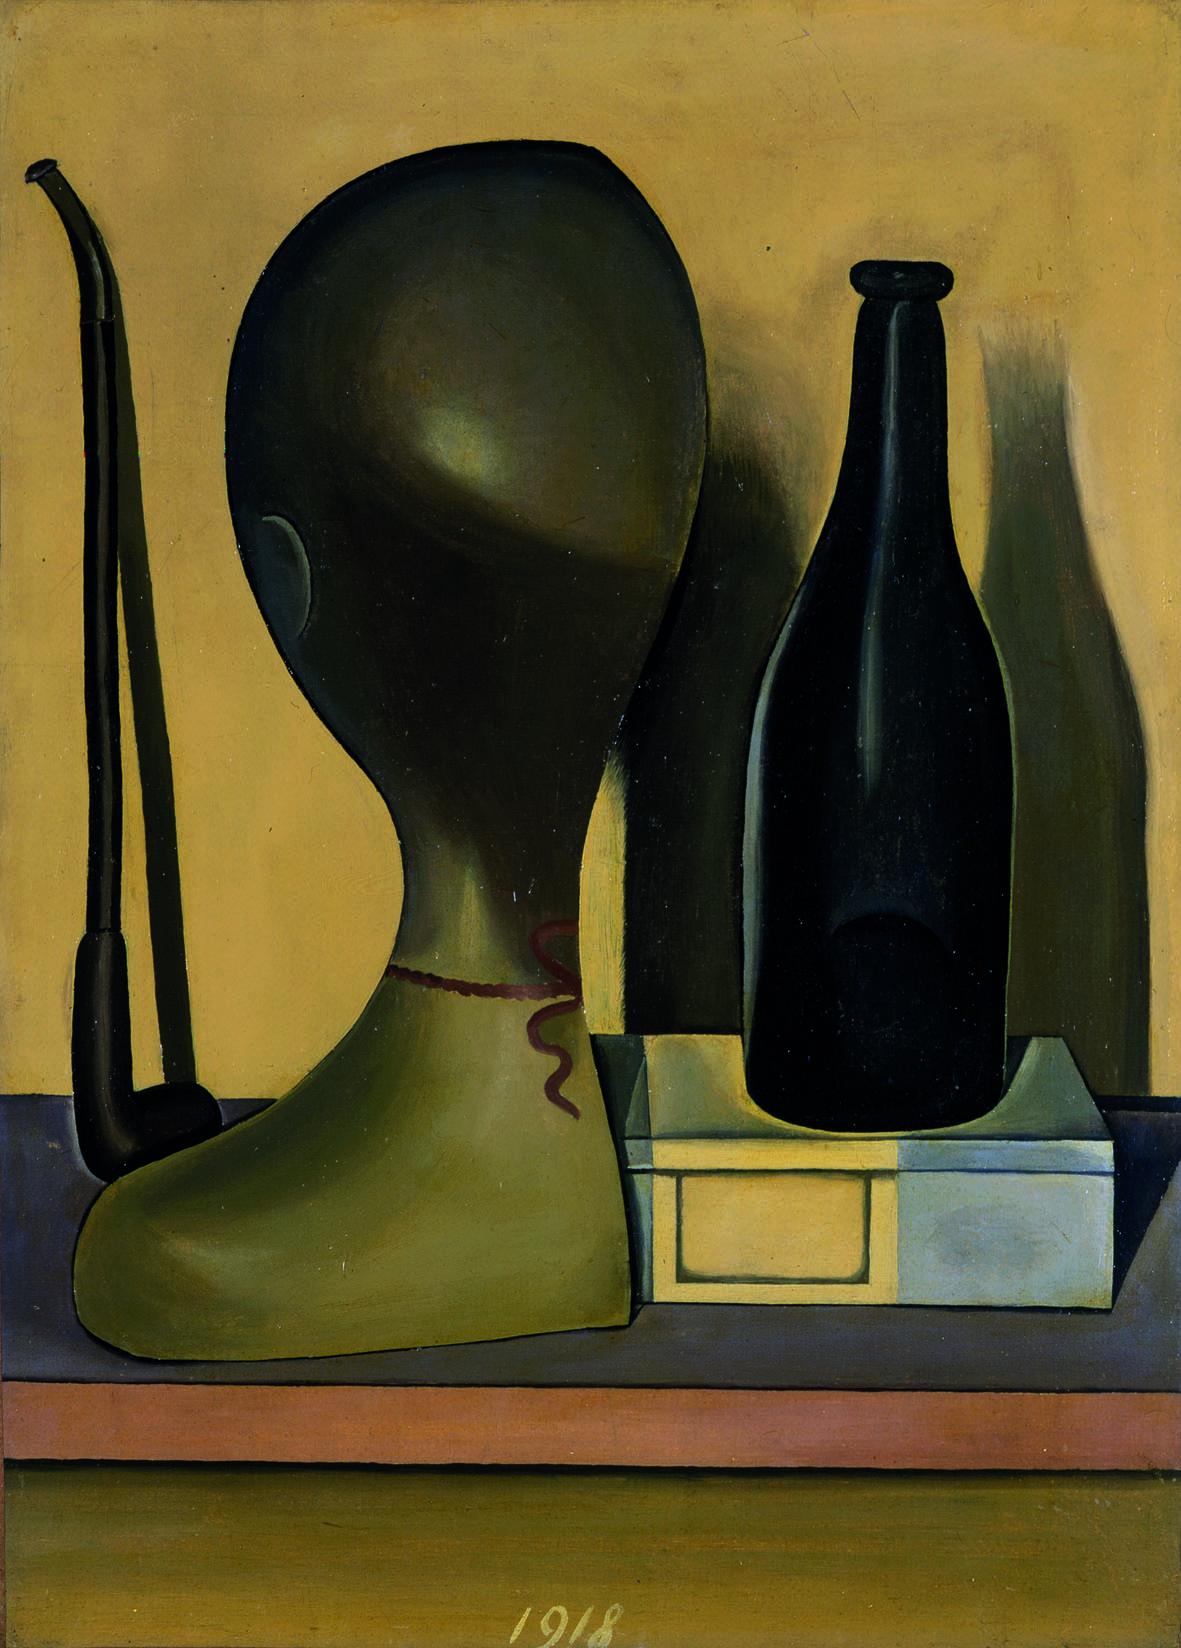 Giorgio Morandi: Natura morta